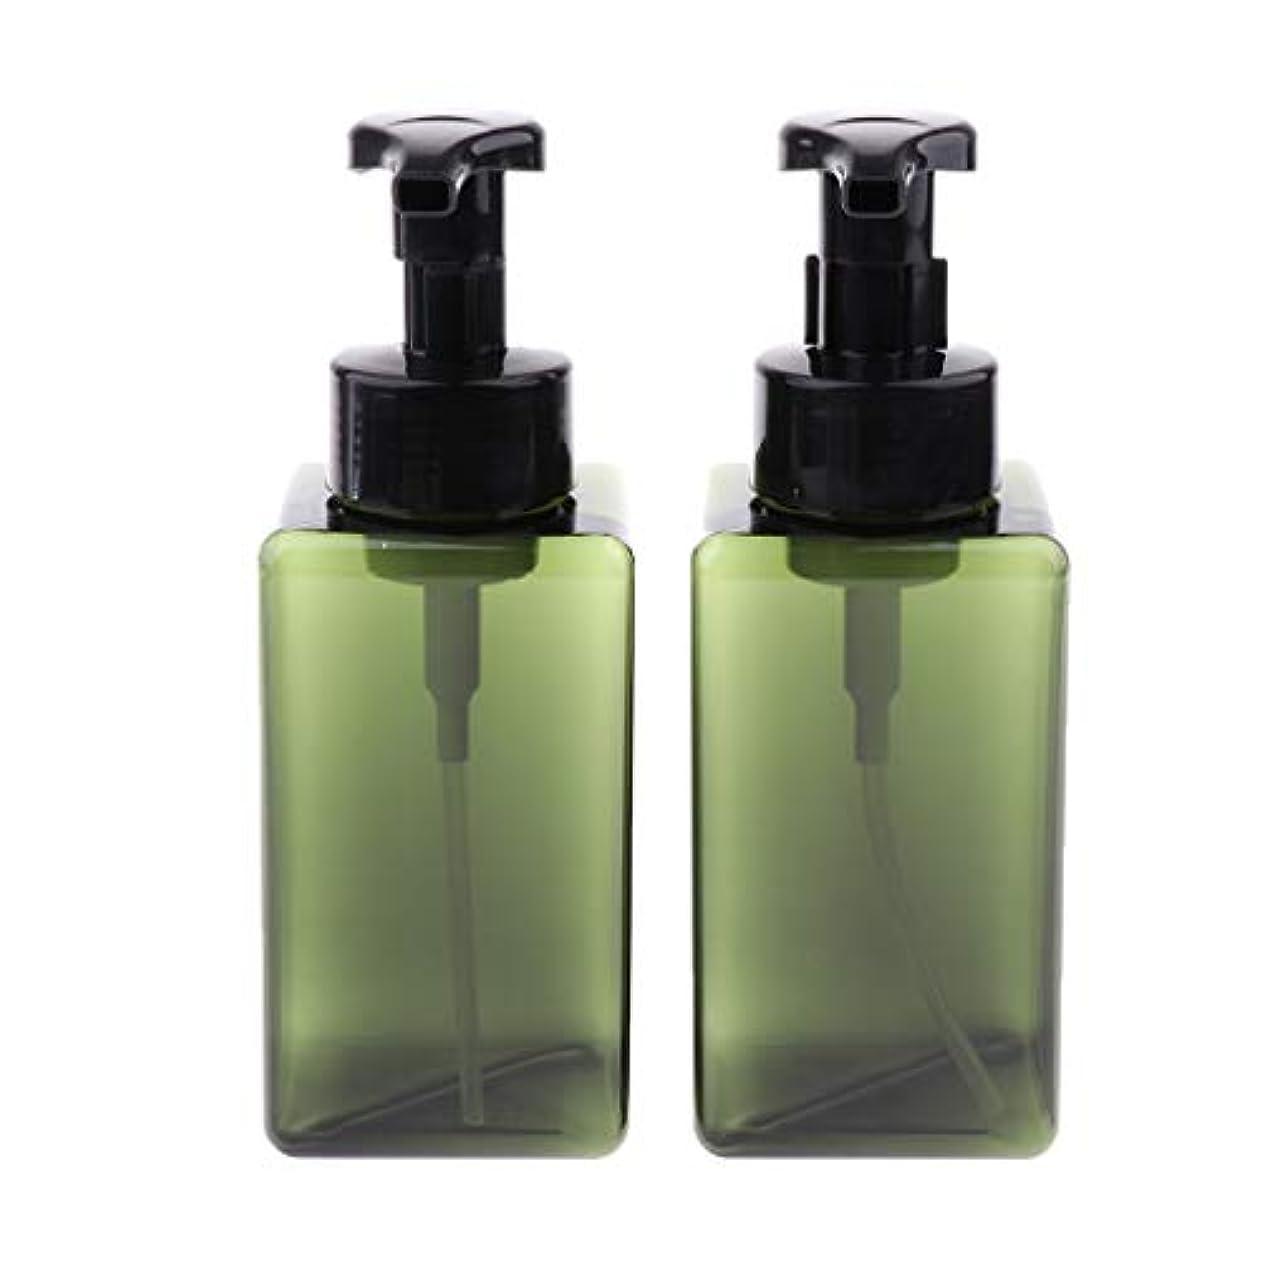 レビュアー疎外する口頭ディスペンサーボトル 泡 スクエア 詰め替え ポンプボトル 乳液 液体容器 携帯便利 450ml 全6色 - 緑